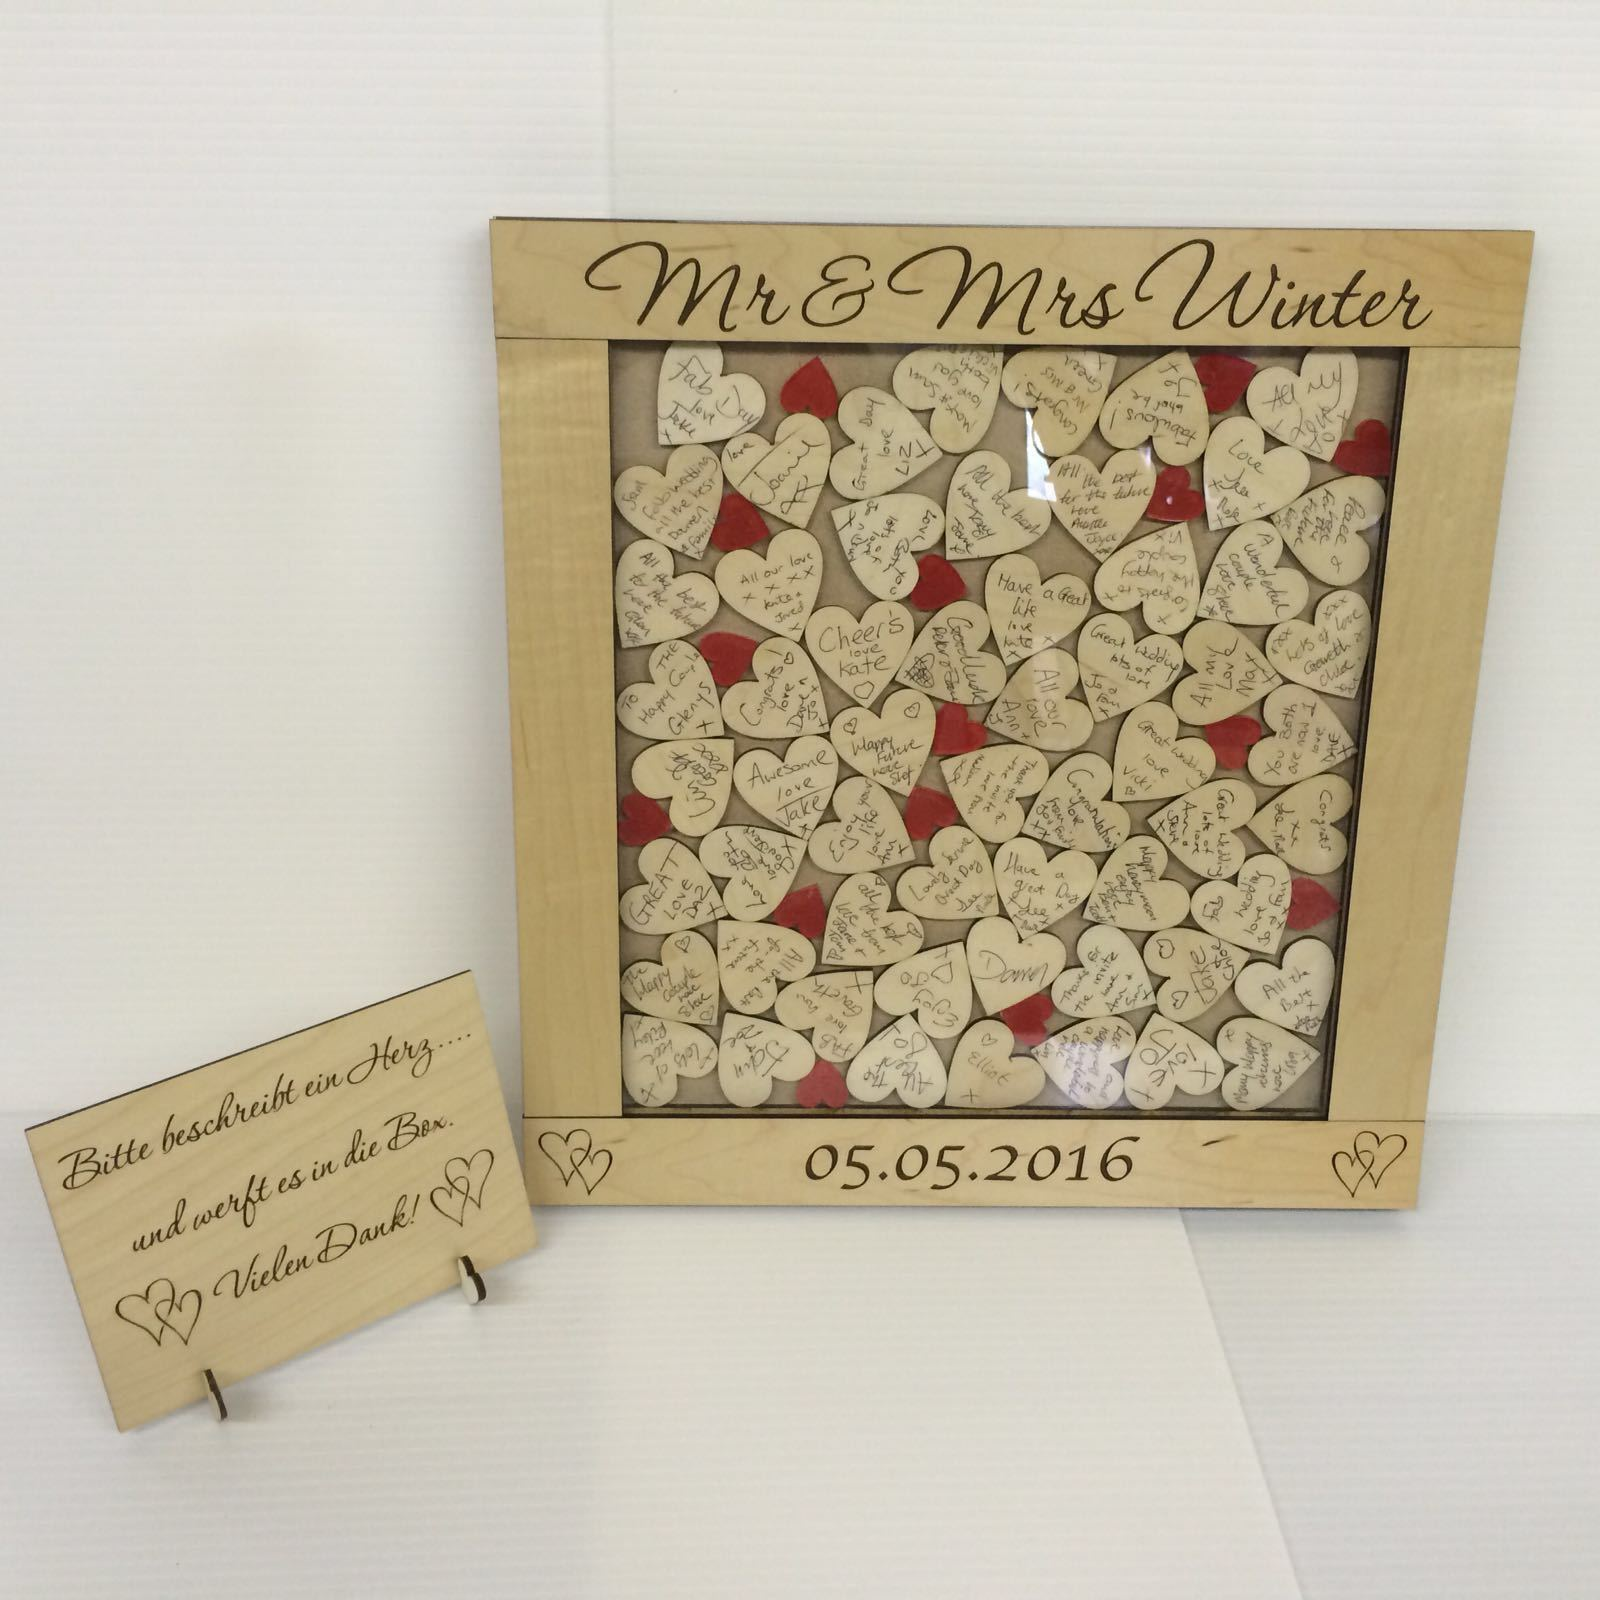 LUSSO Personalizzato Maplewood Rosso Drop Box Matrimonio Libro Degli Ospiti Ospiti Ospiti 56 CUORI REGALO 11989c